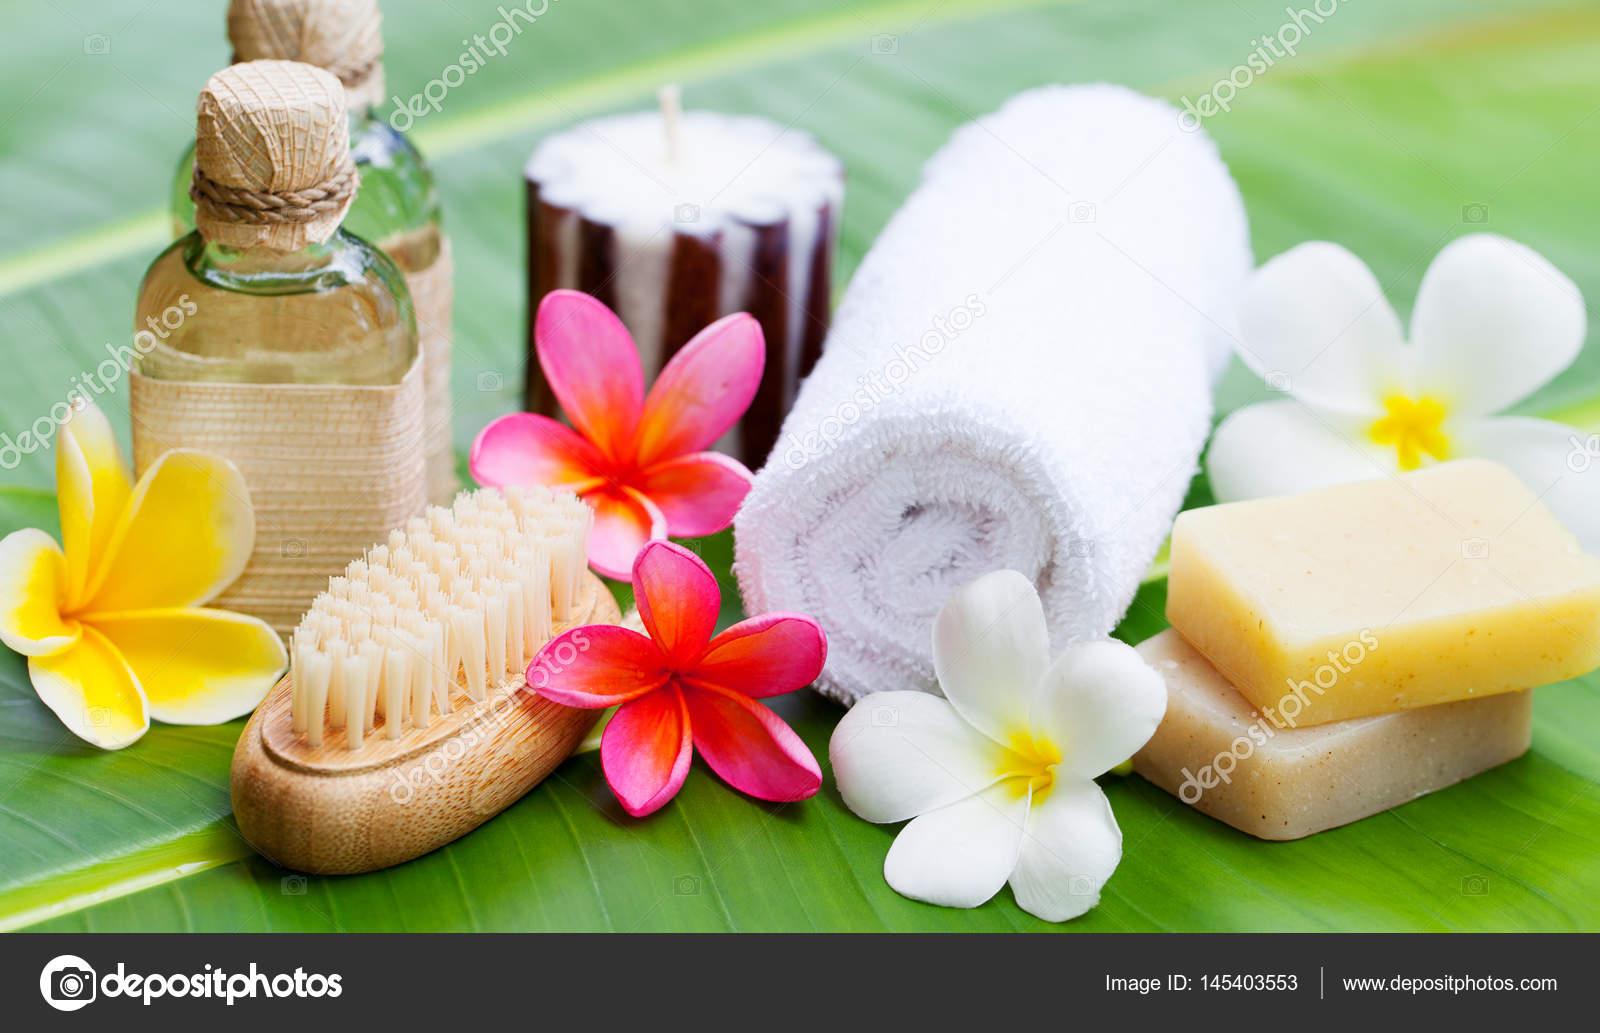 Spa wellness blumen  Spa, Wellness, die Einstellung mit Blumen auf einem Palmblatt ...